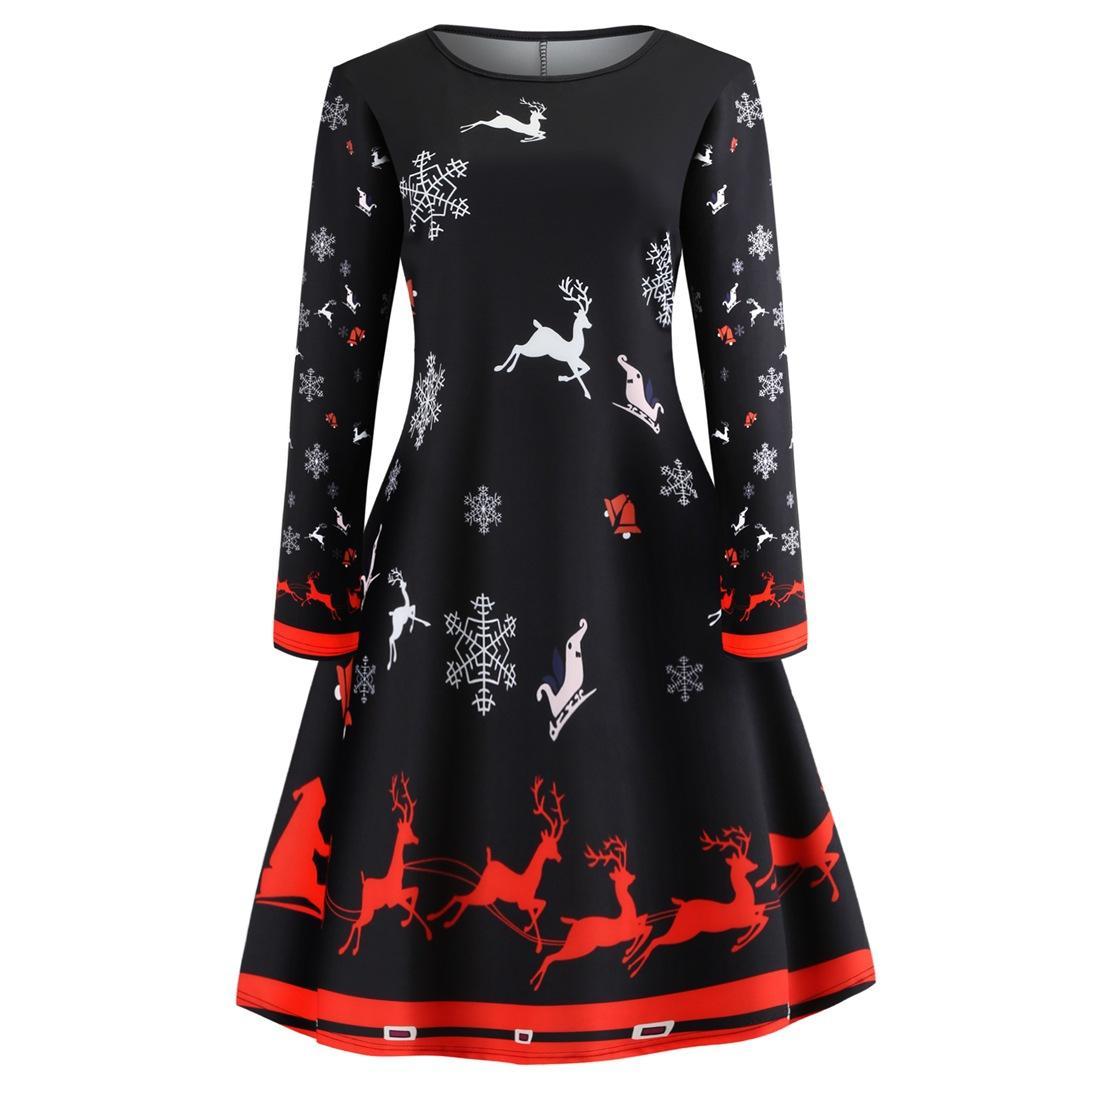 Kleider Für Weihnachten.Mädchen Ballkleider Plissee Kleider Weihnachten Rundhalsausschnitt Langarm Deer Animal Print Casual A Line Dresses